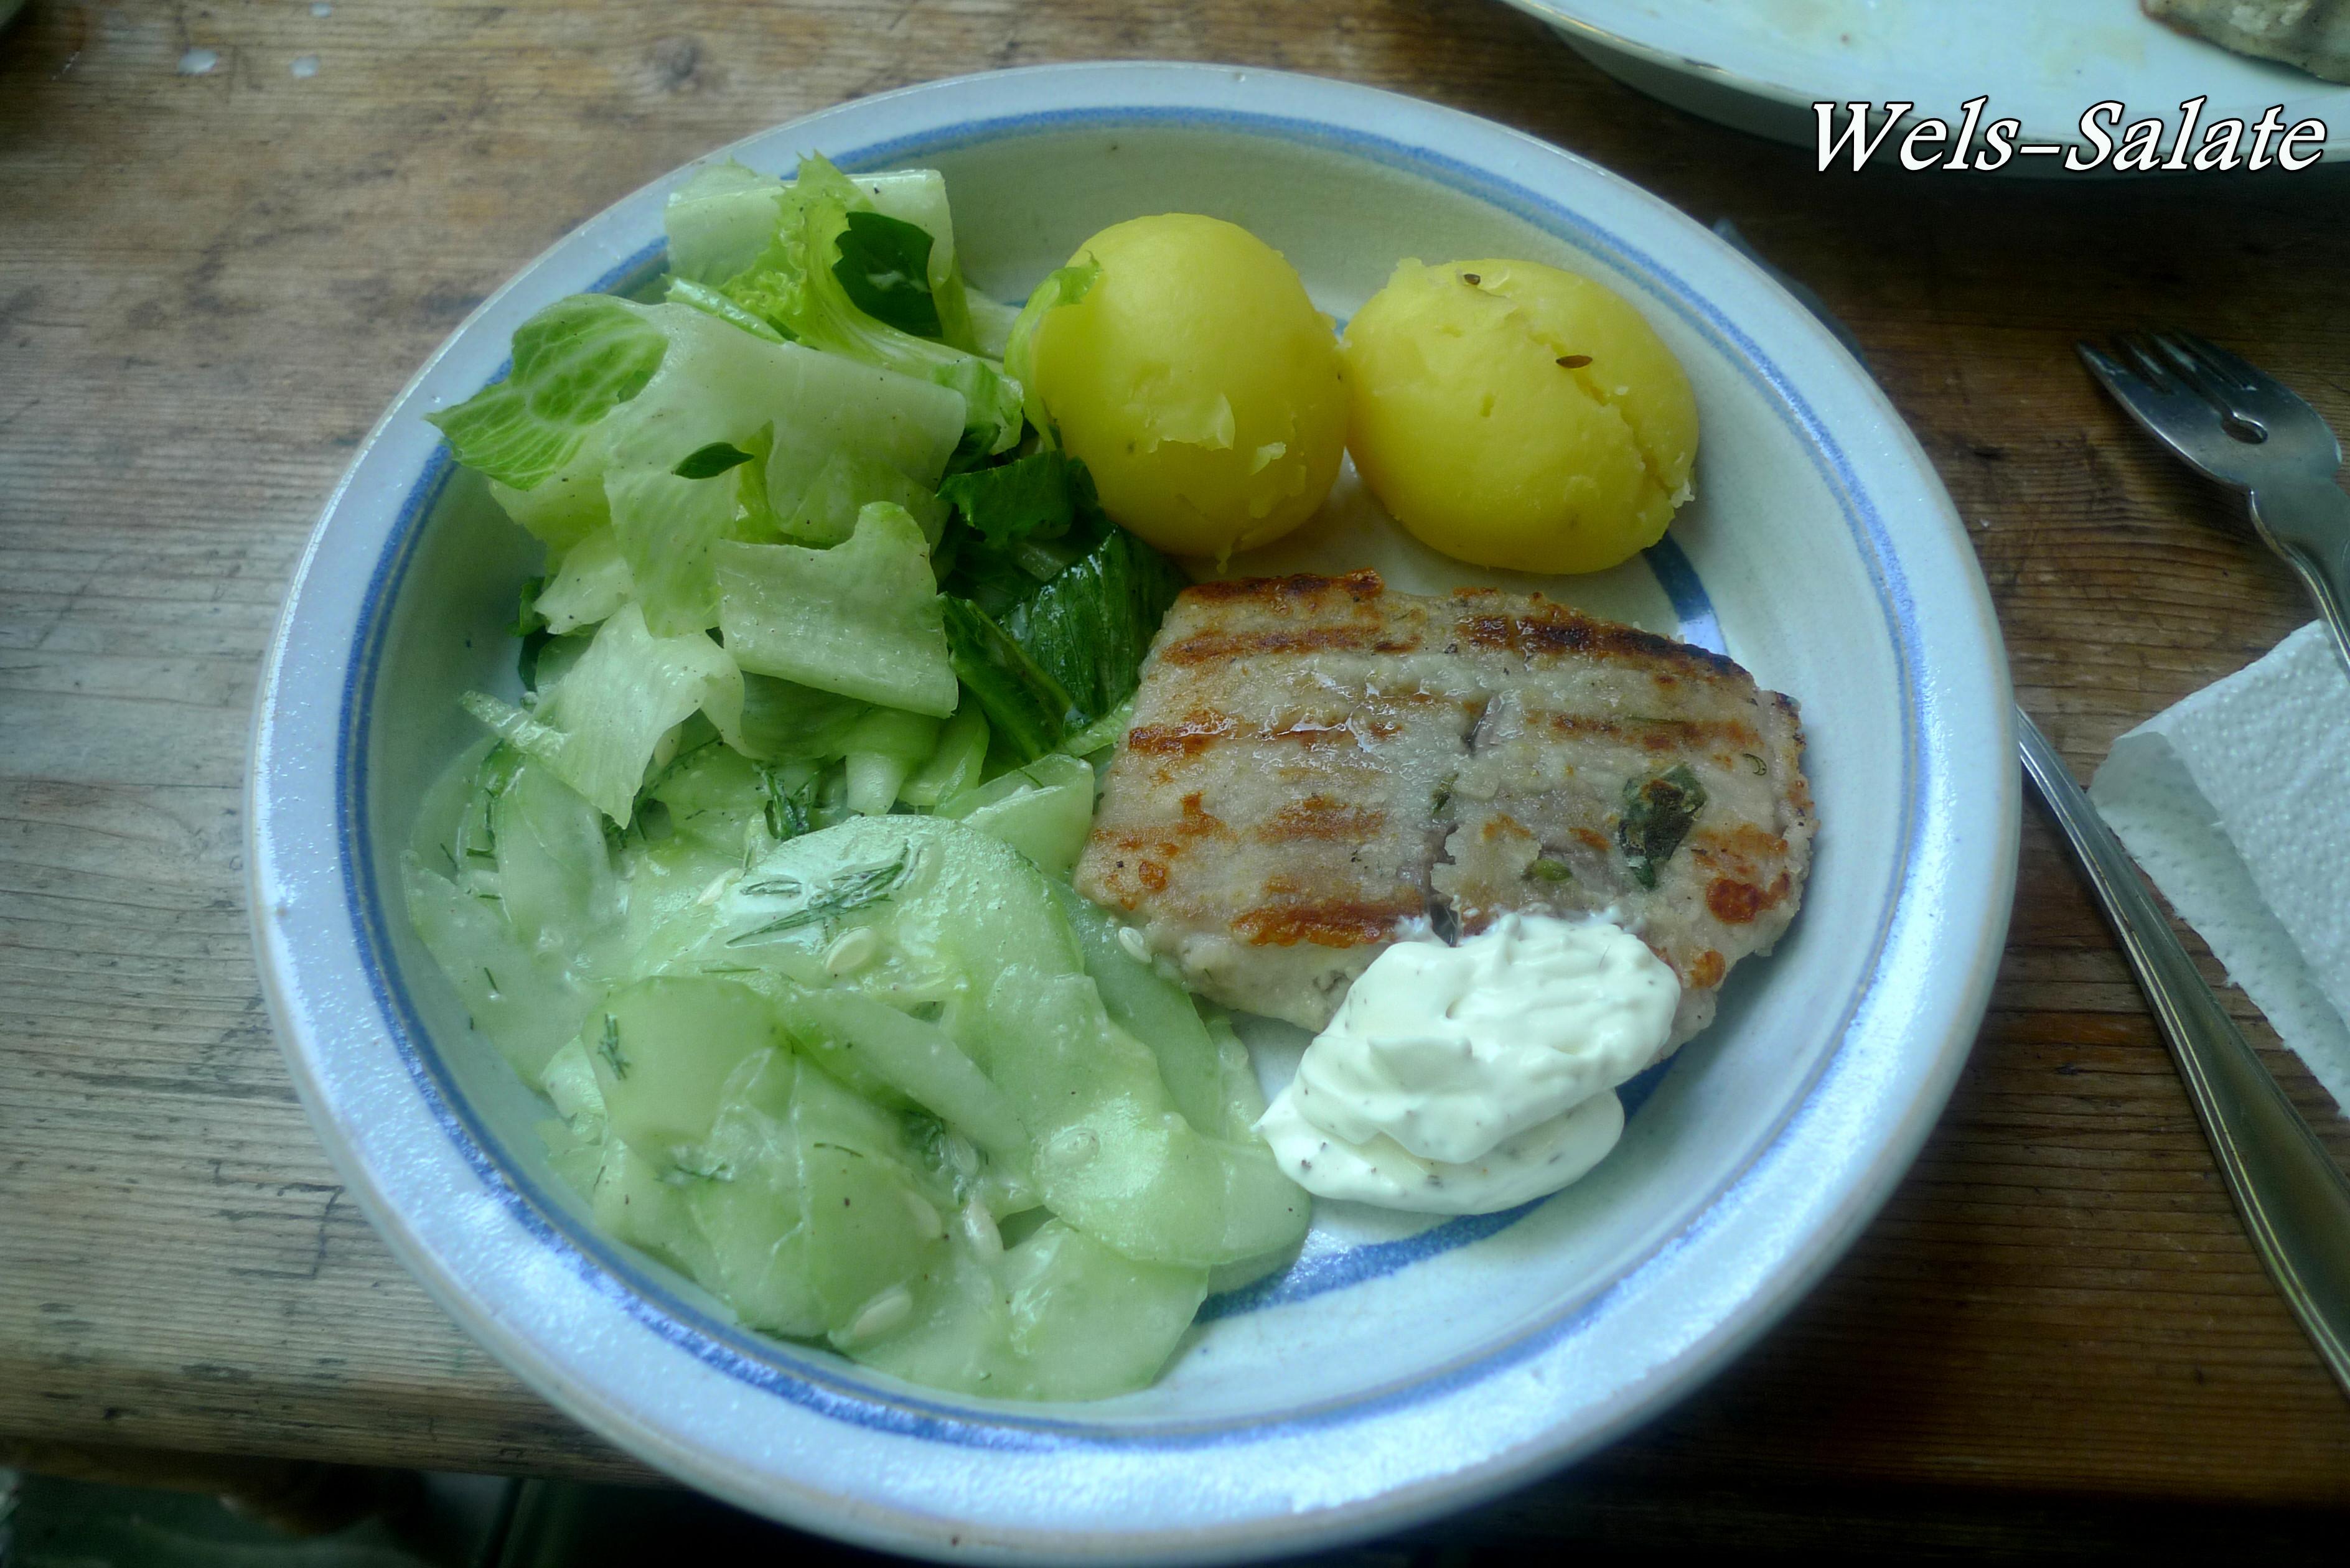 Wels-Salate